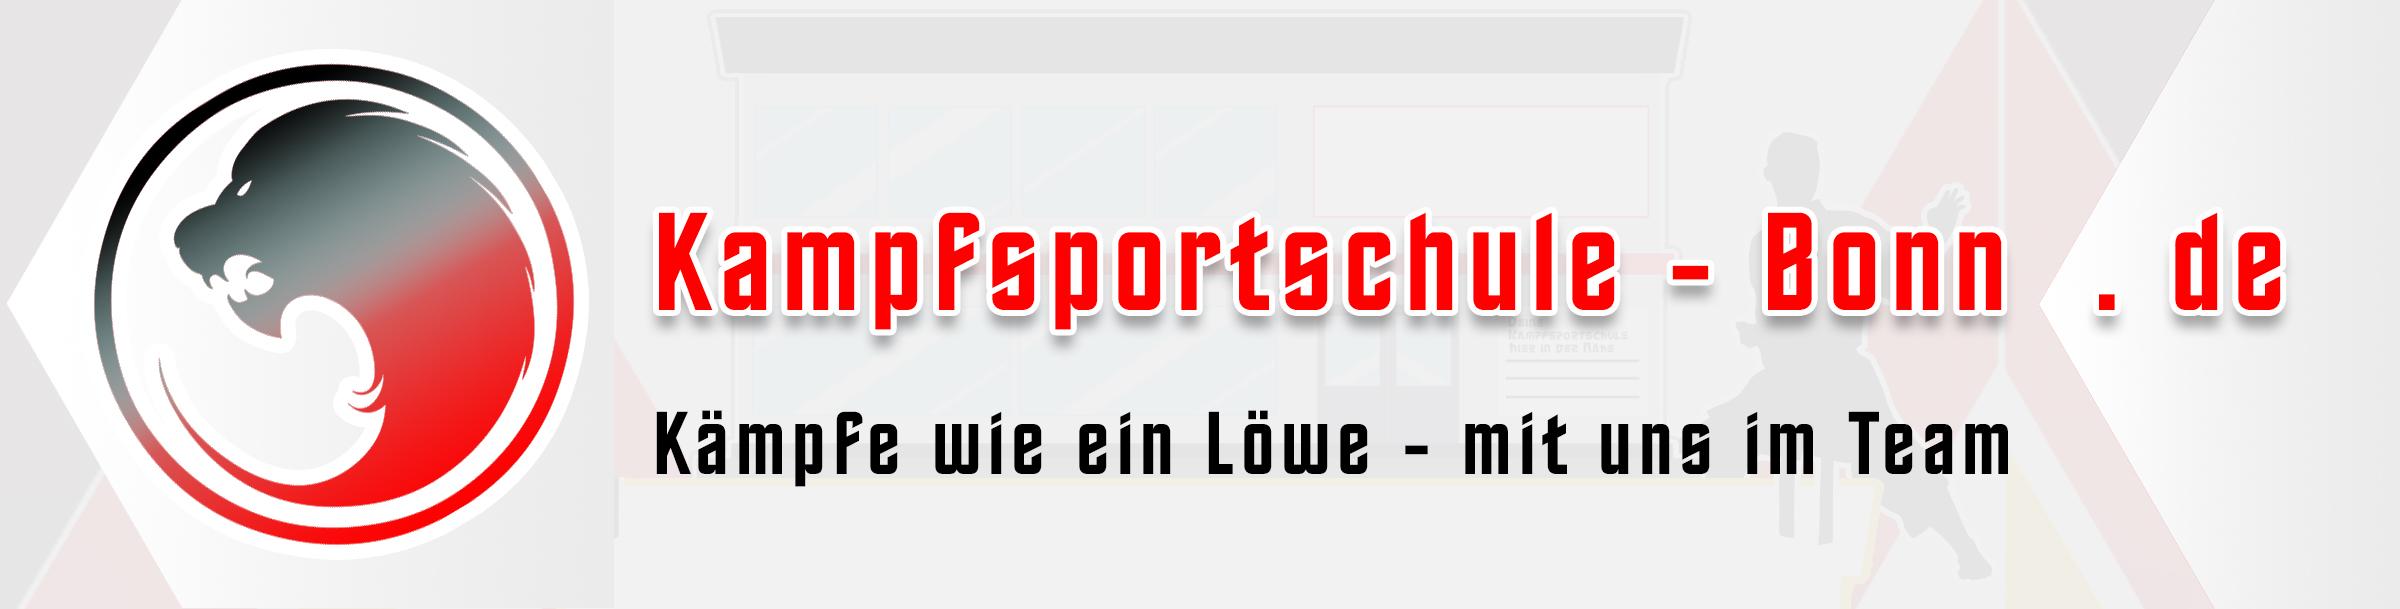 Kampfsportschule Bonn - Team des Löwen